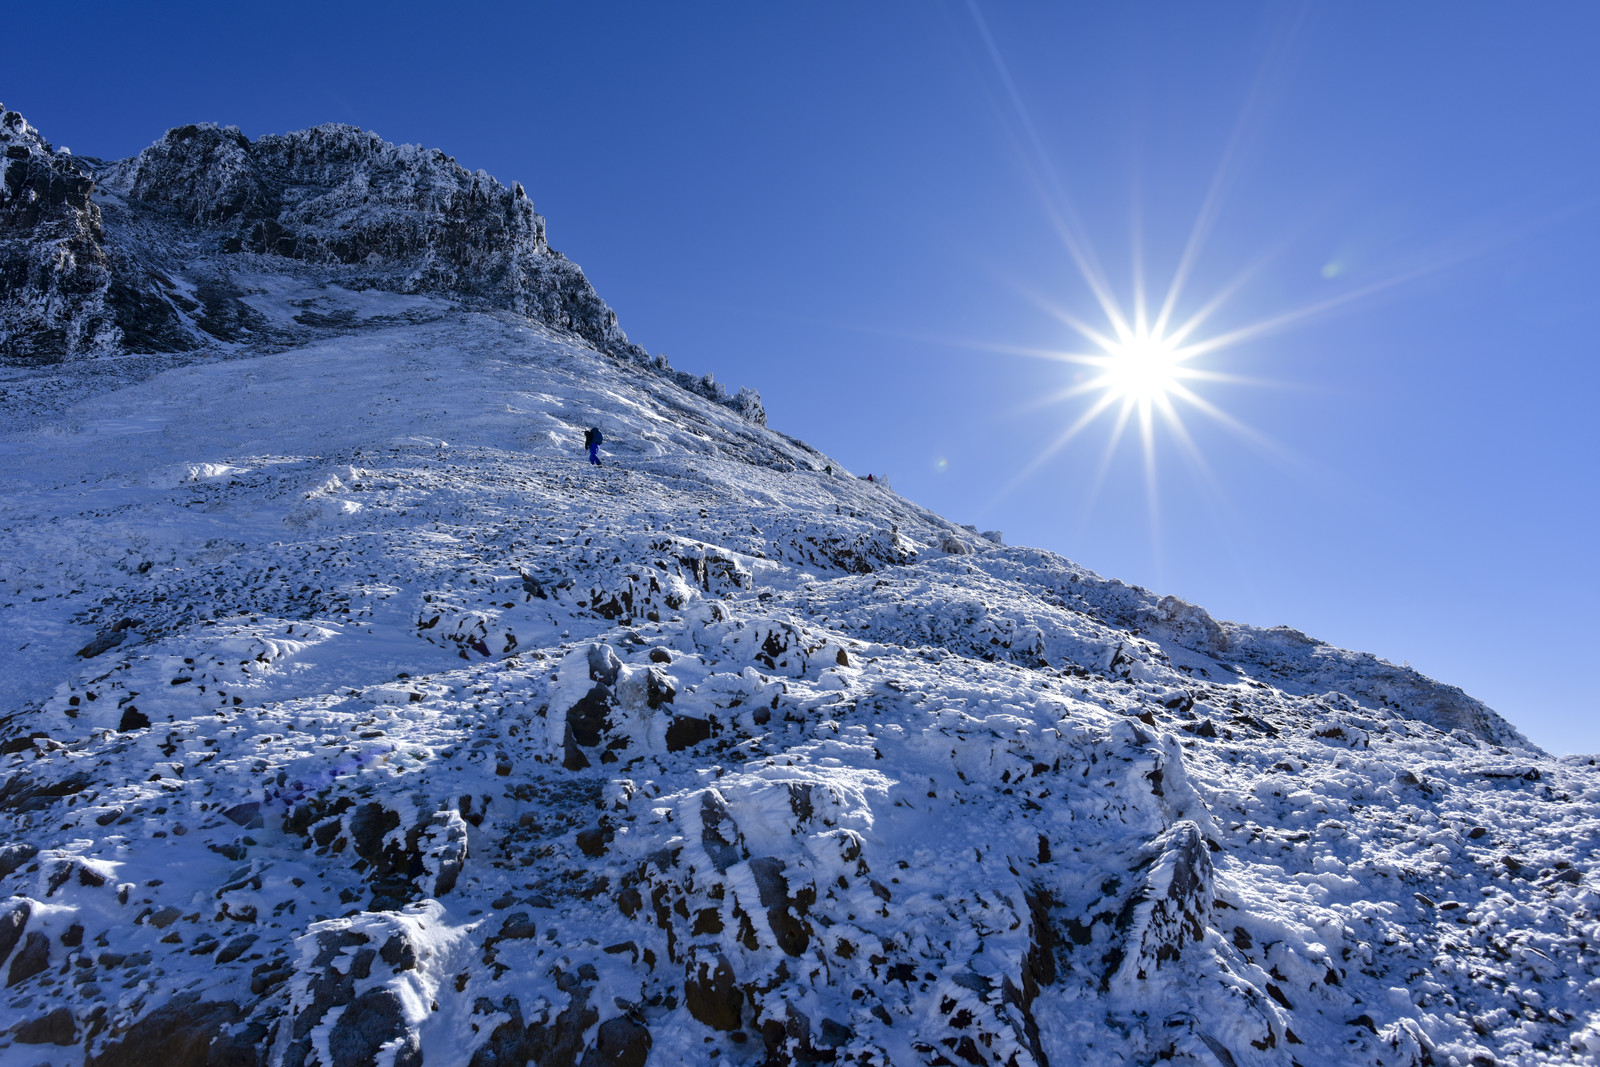 「冬の文三郎尾根を登る登山者とピーカンの太陽」の写真